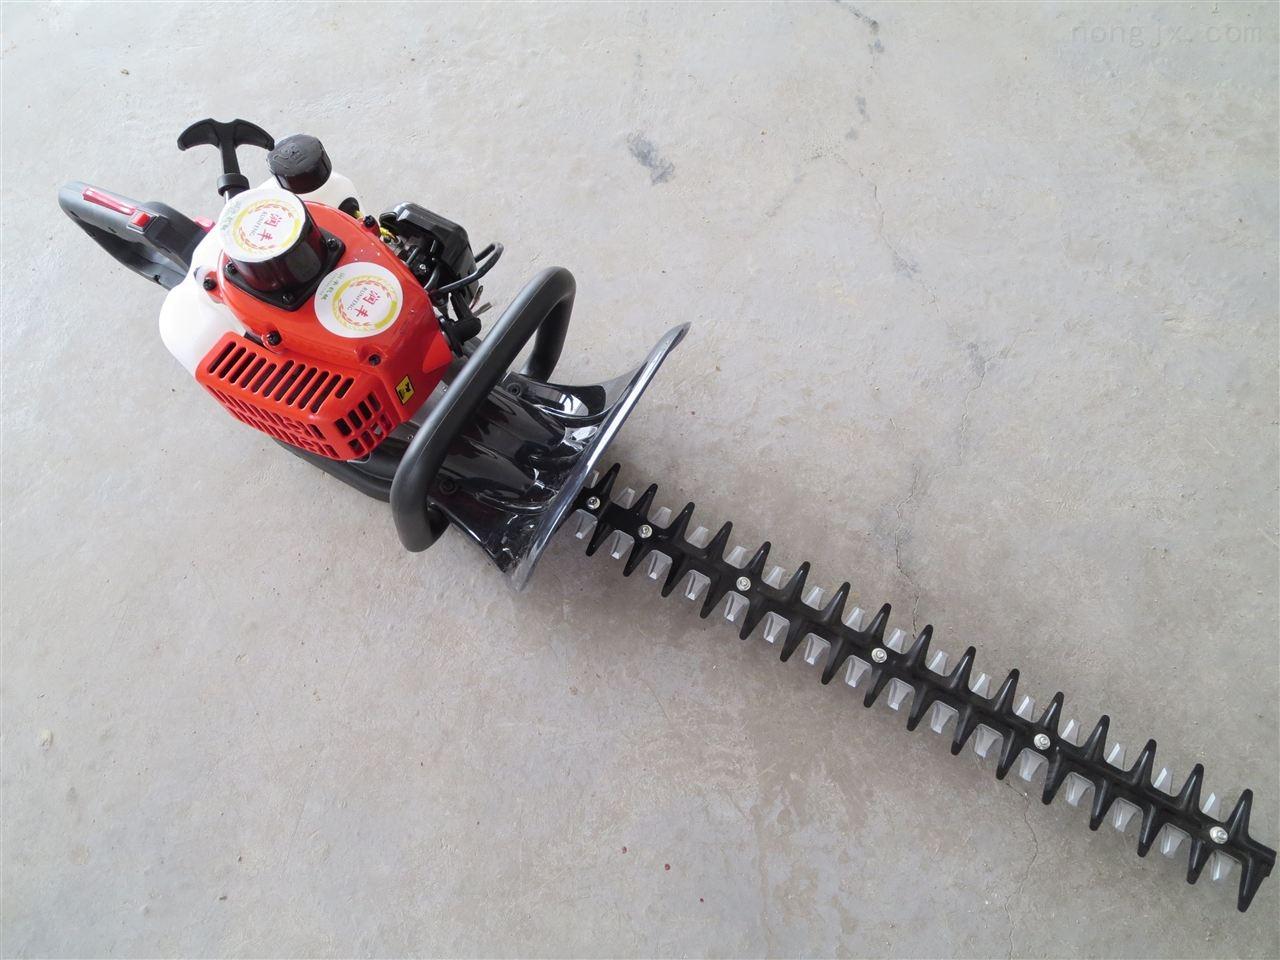 手持重修绿篱机 生产修剪机厂家 路旁剪枝机